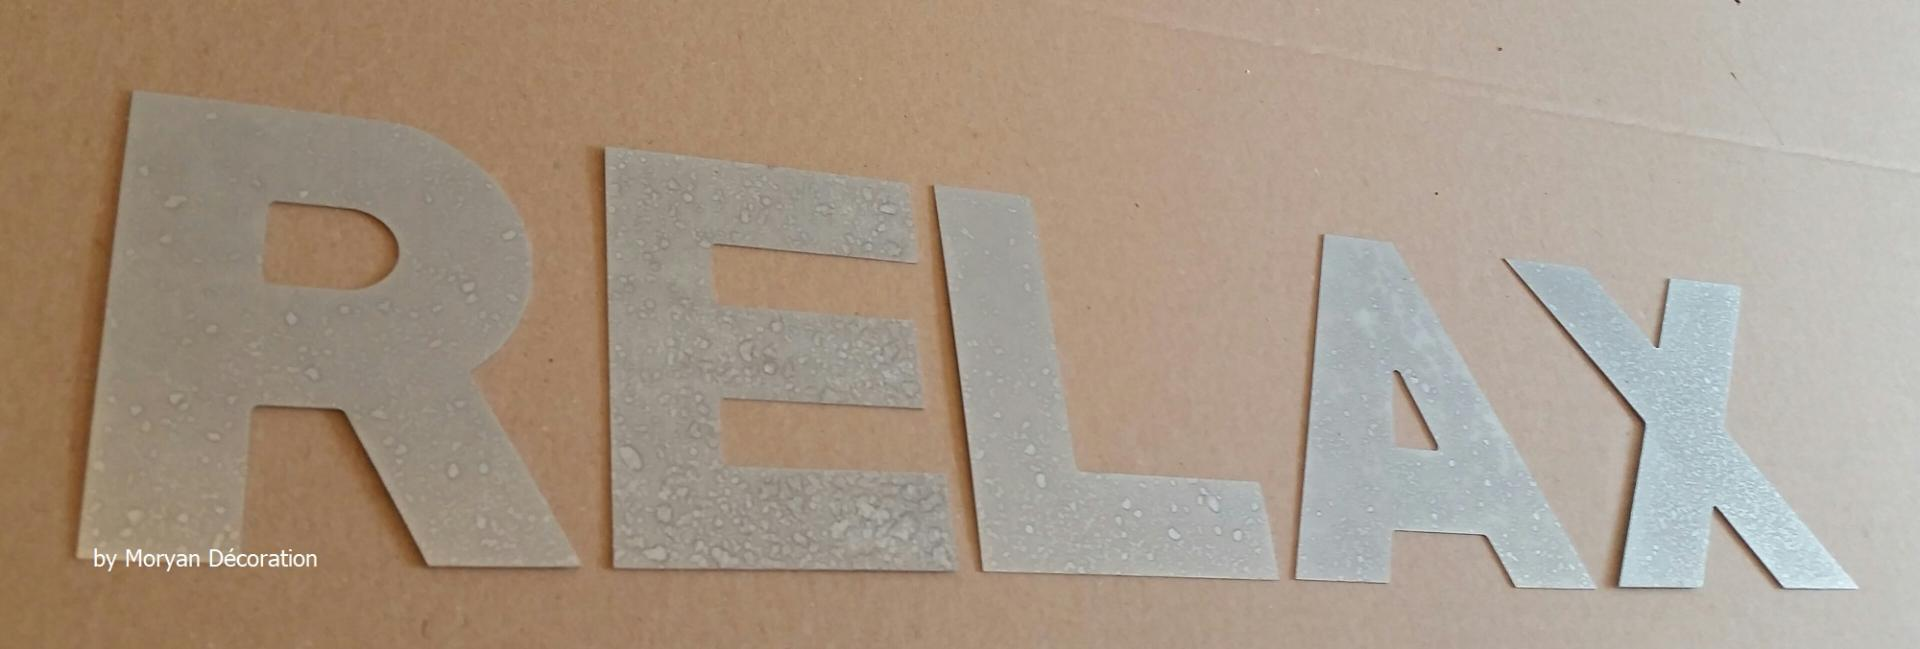 Lettre decorative zinc relax 1